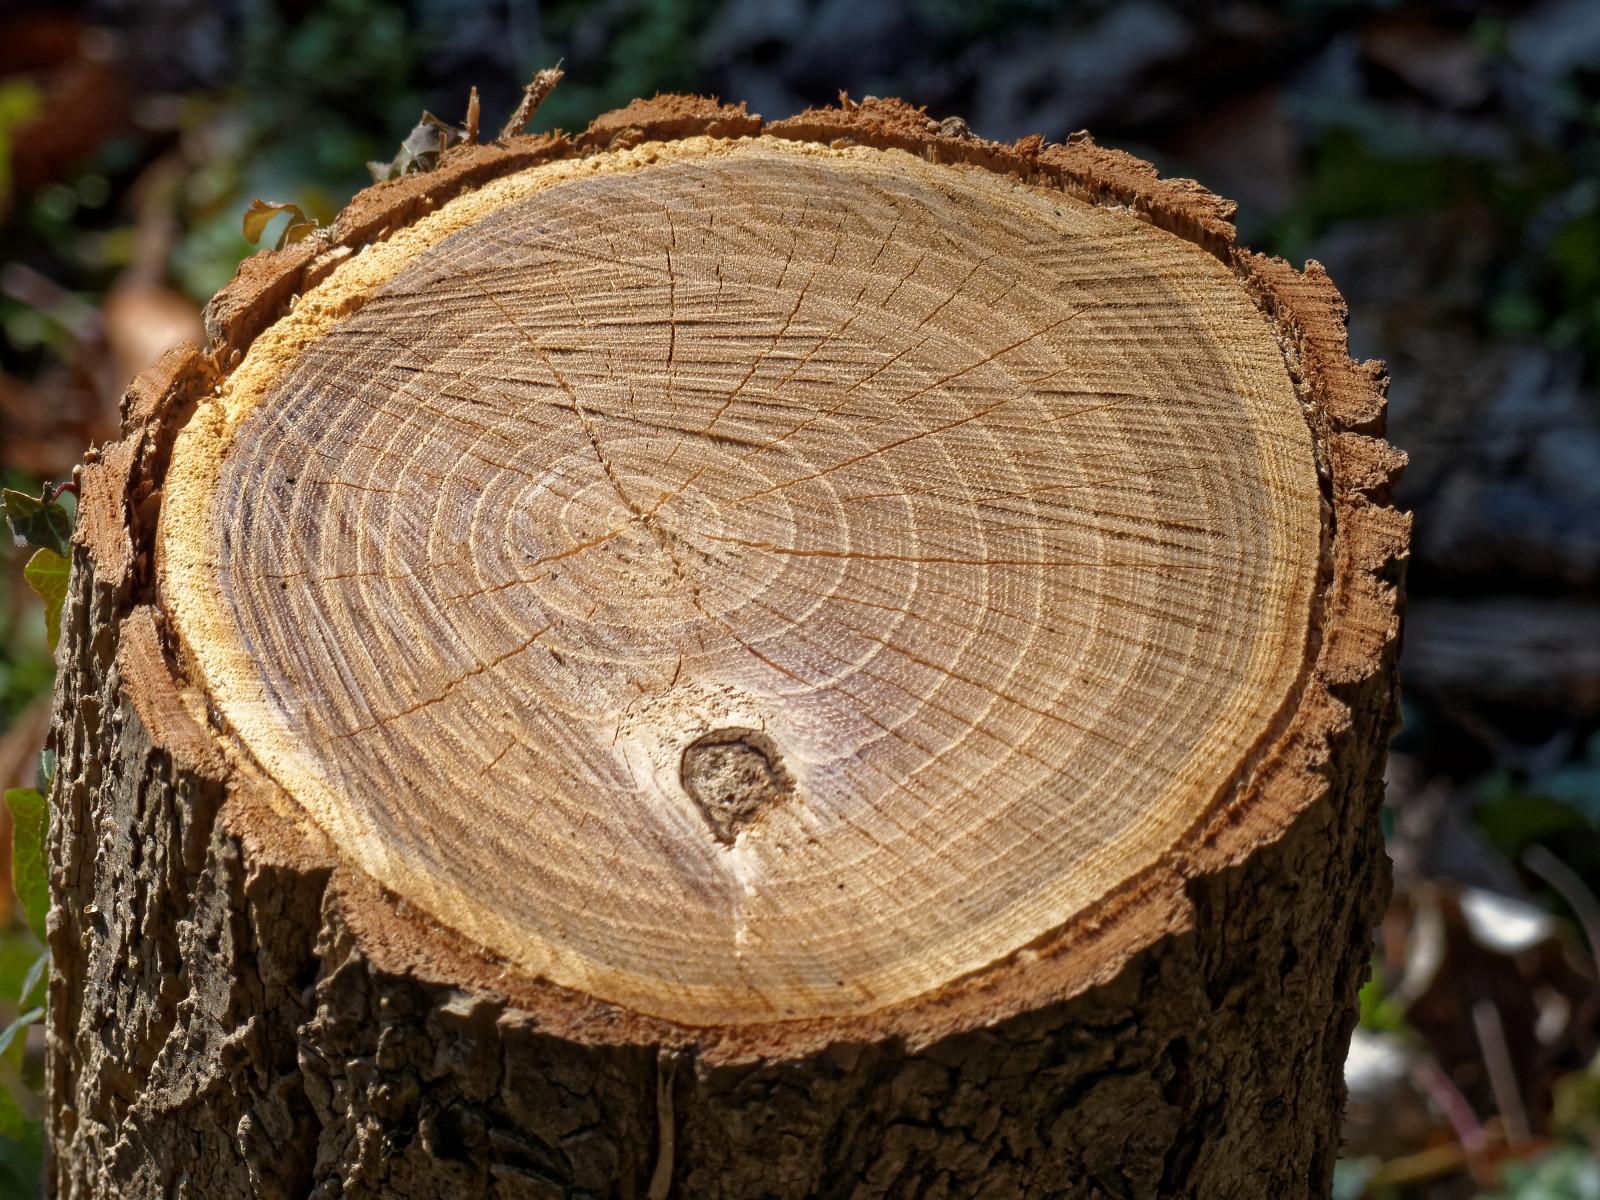 Fond d 39 cran souche d 39 arbre la nature bois hdr cercle l 39 europe la belgique coup - Champignon sur tronc d arbre ...